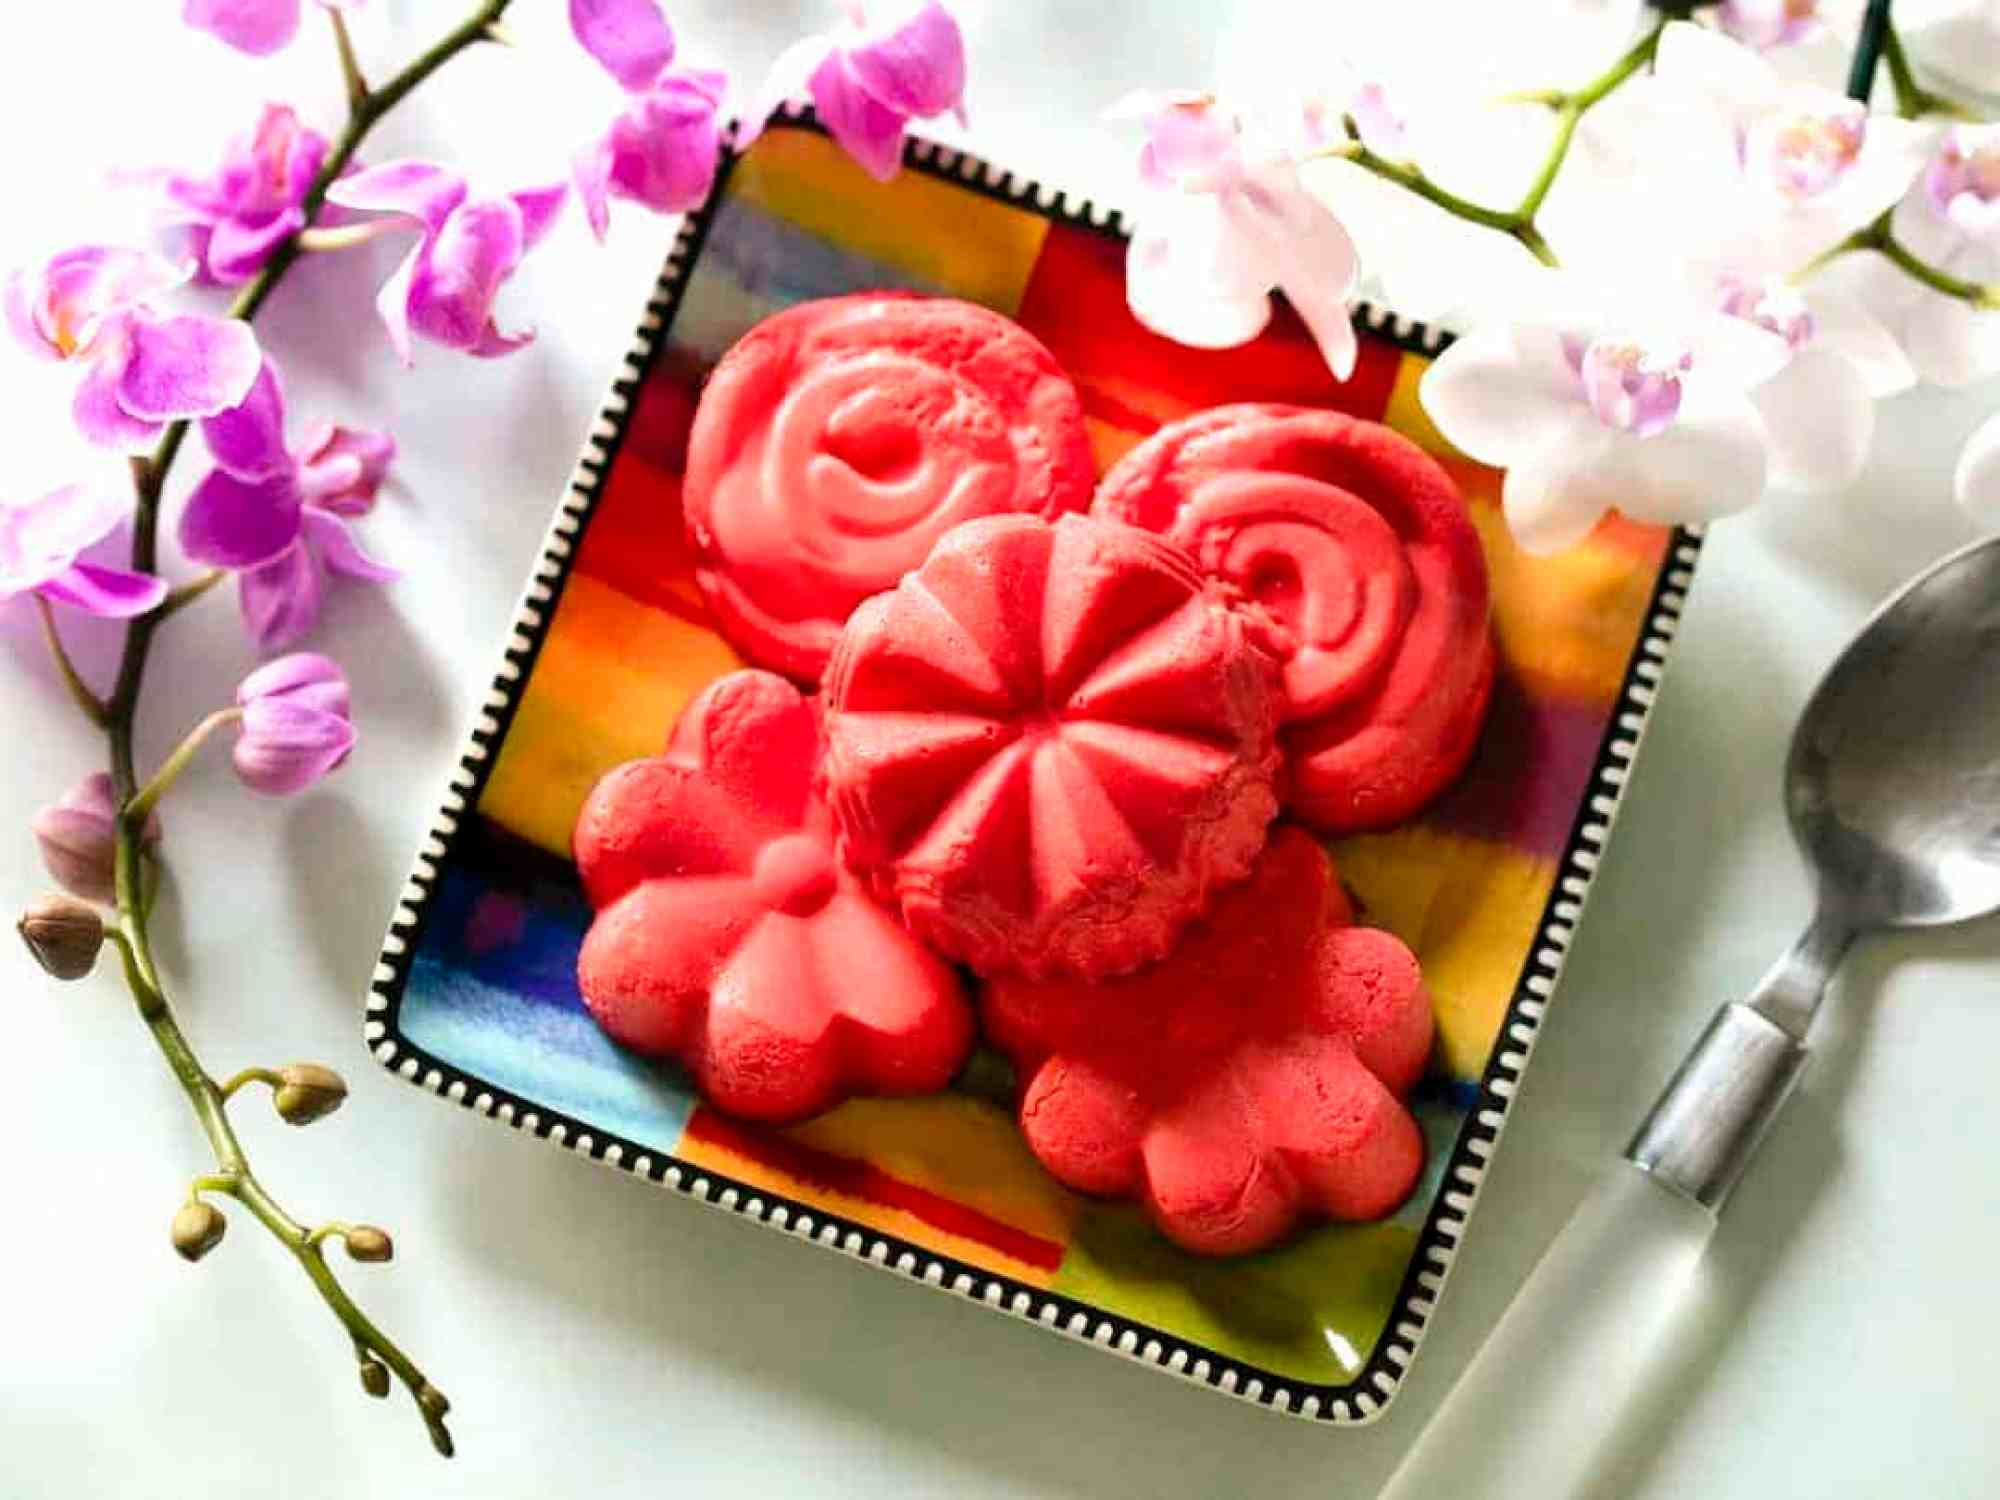 Raspberry Cream Bombs